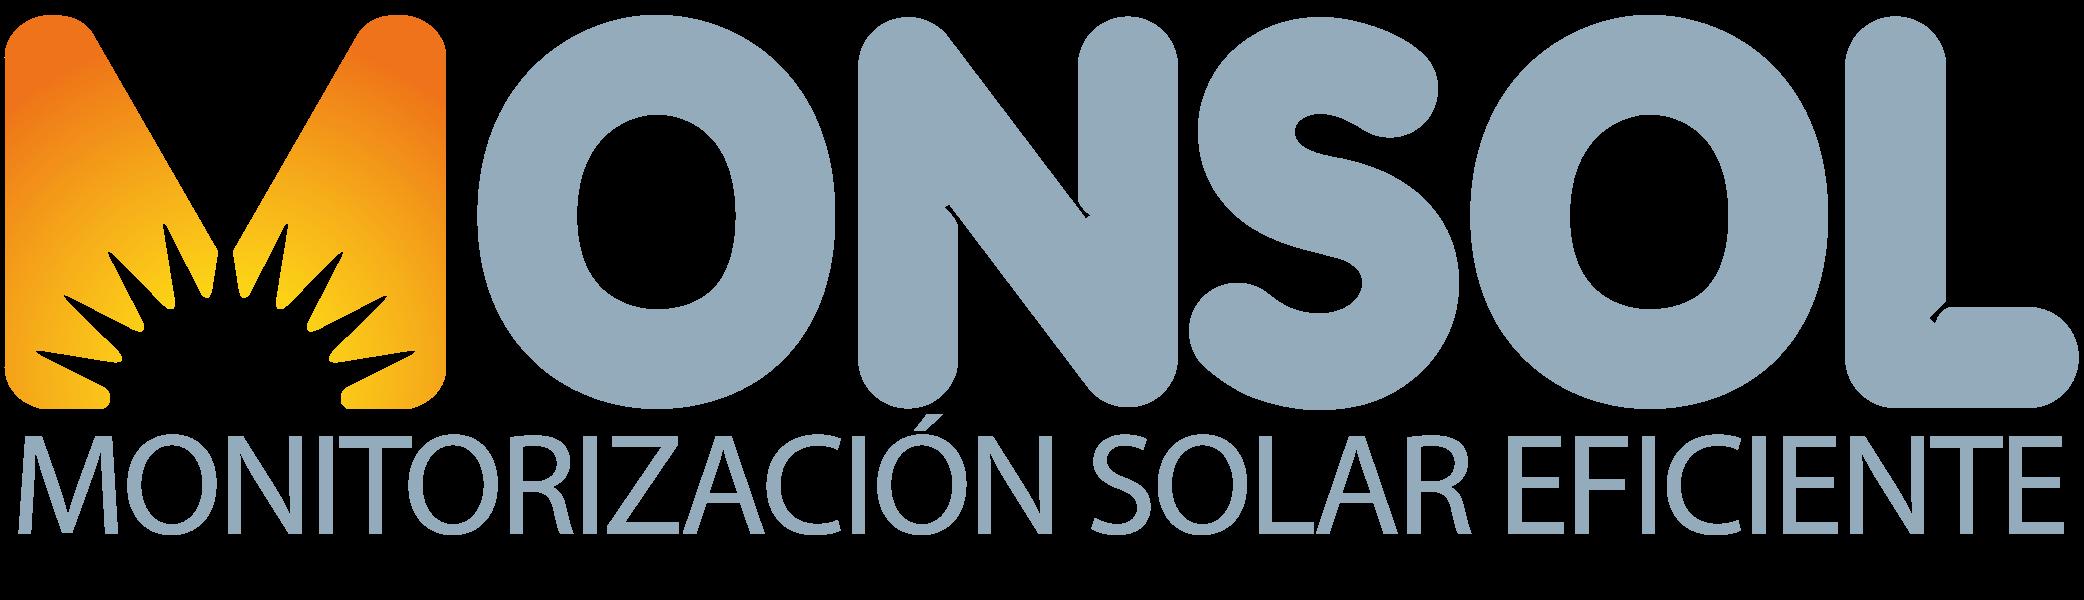 Monitorización solar